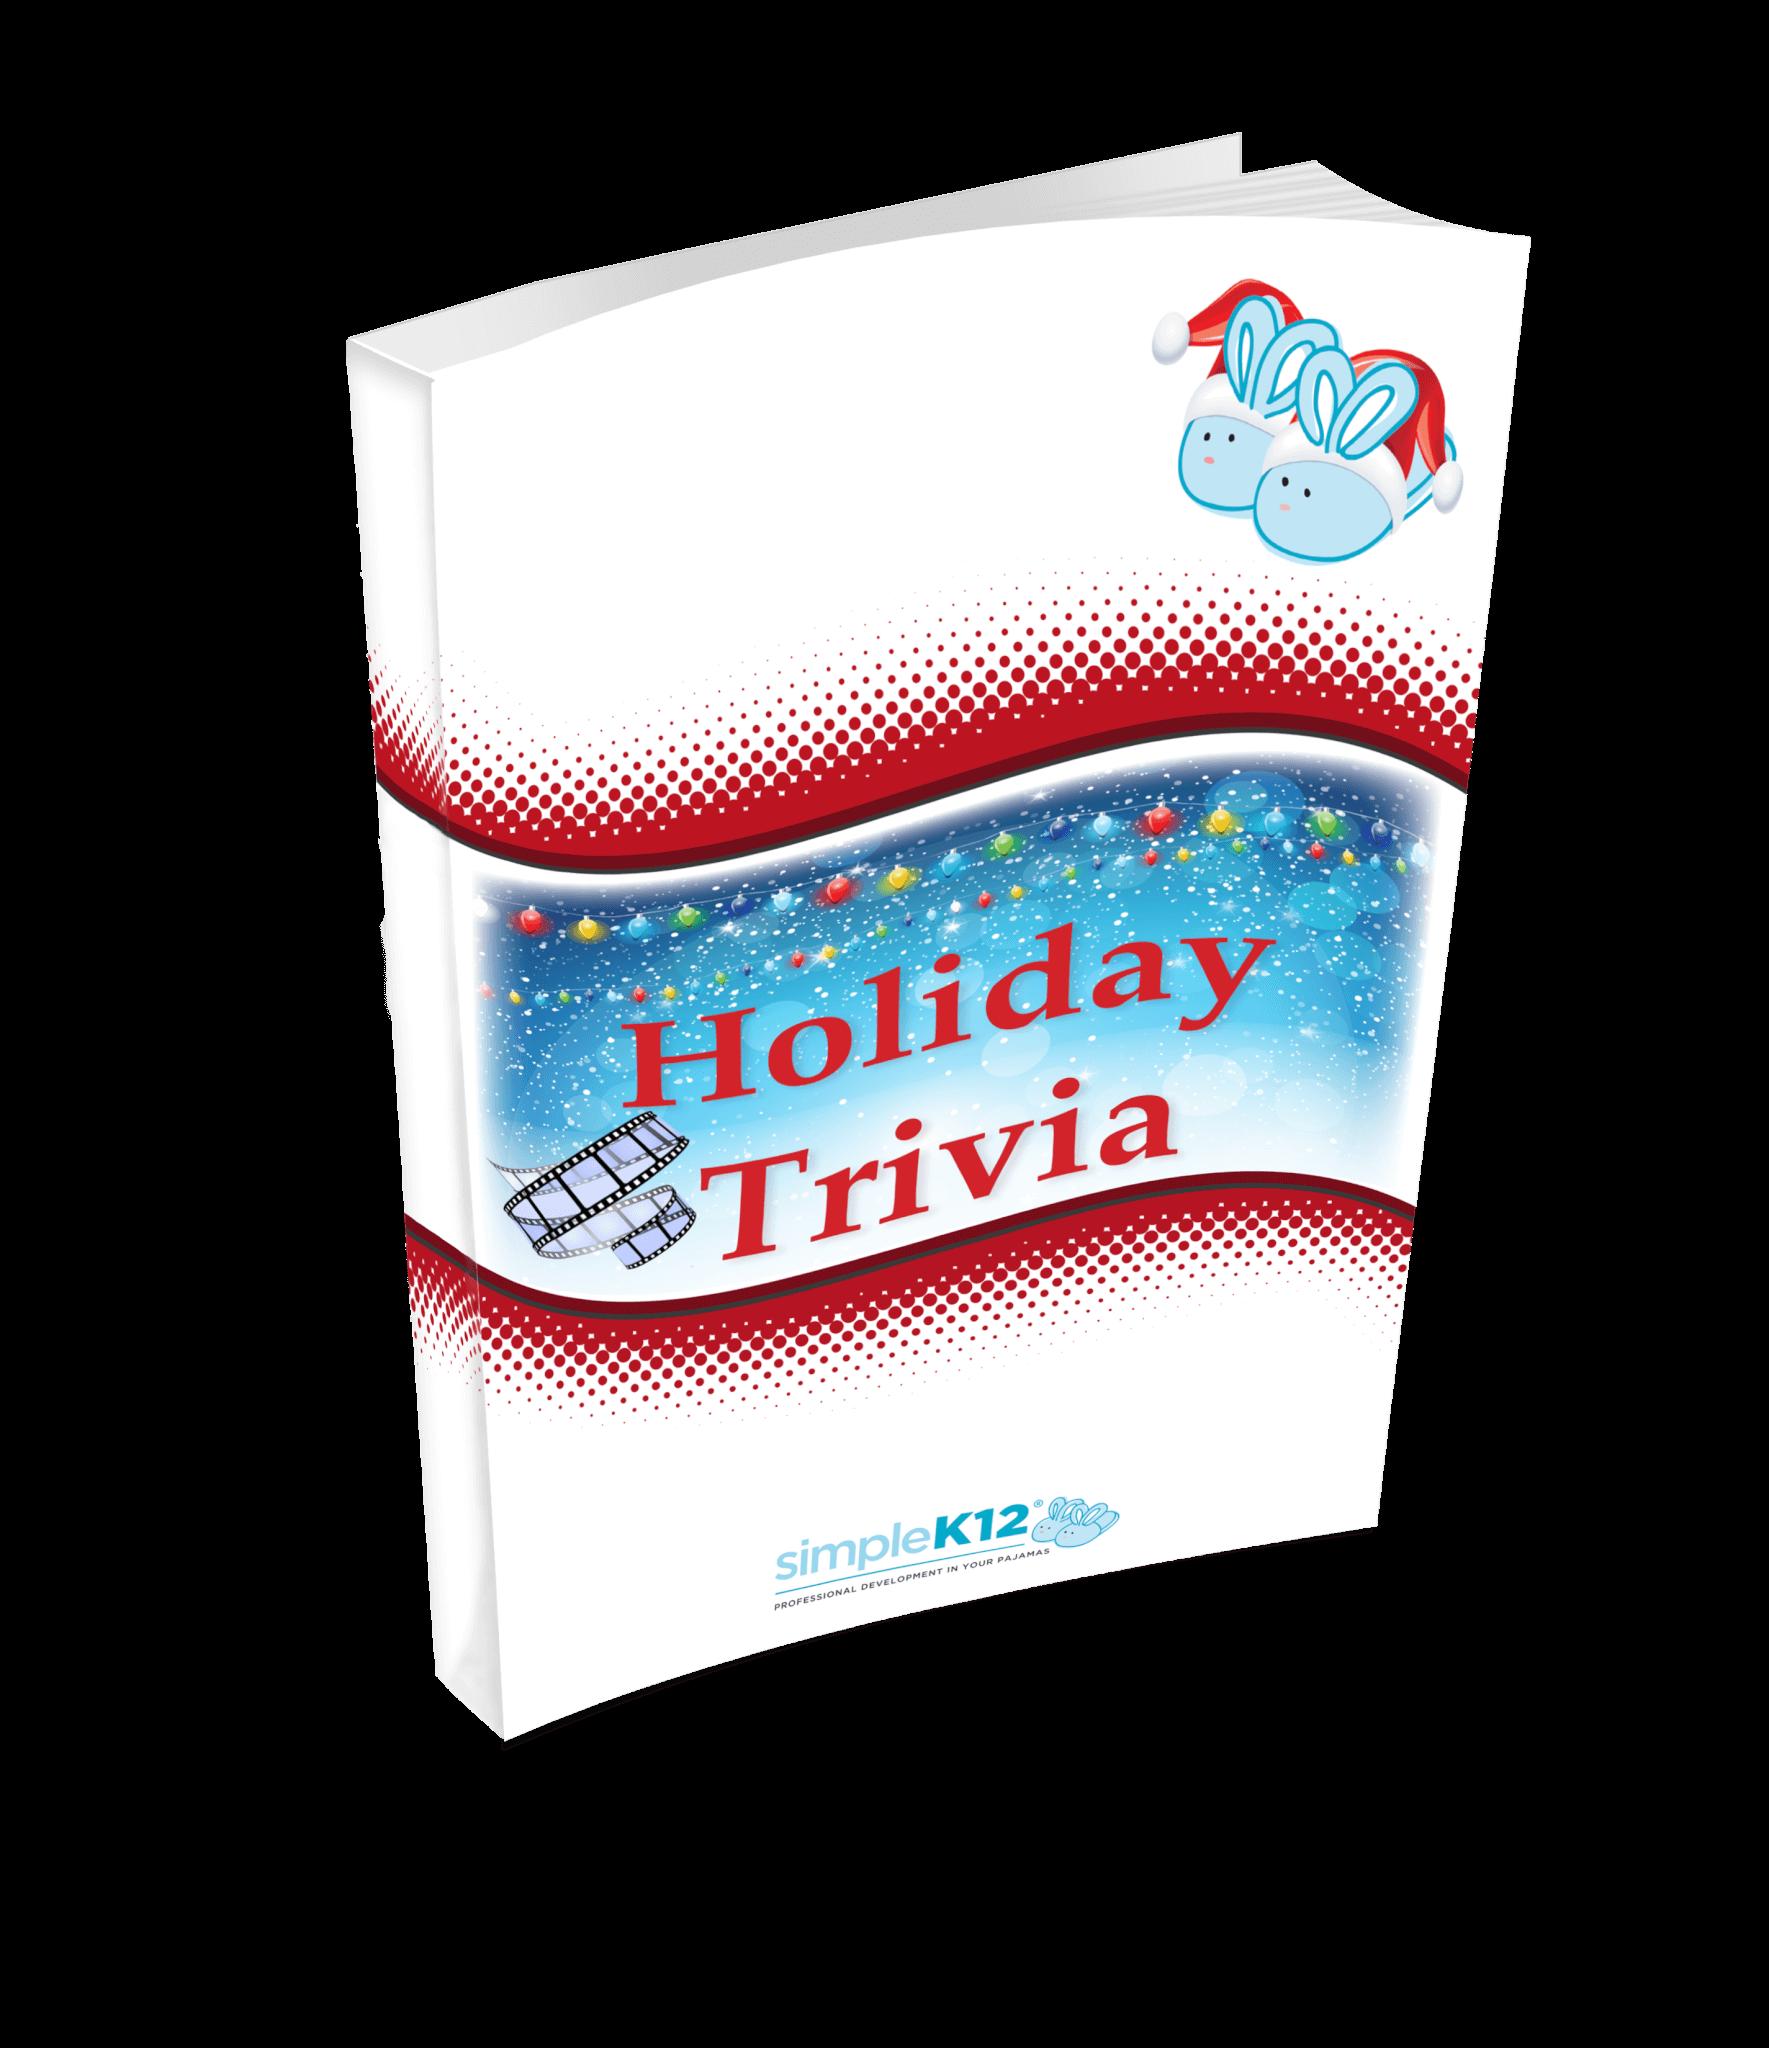 Holiday Trivia